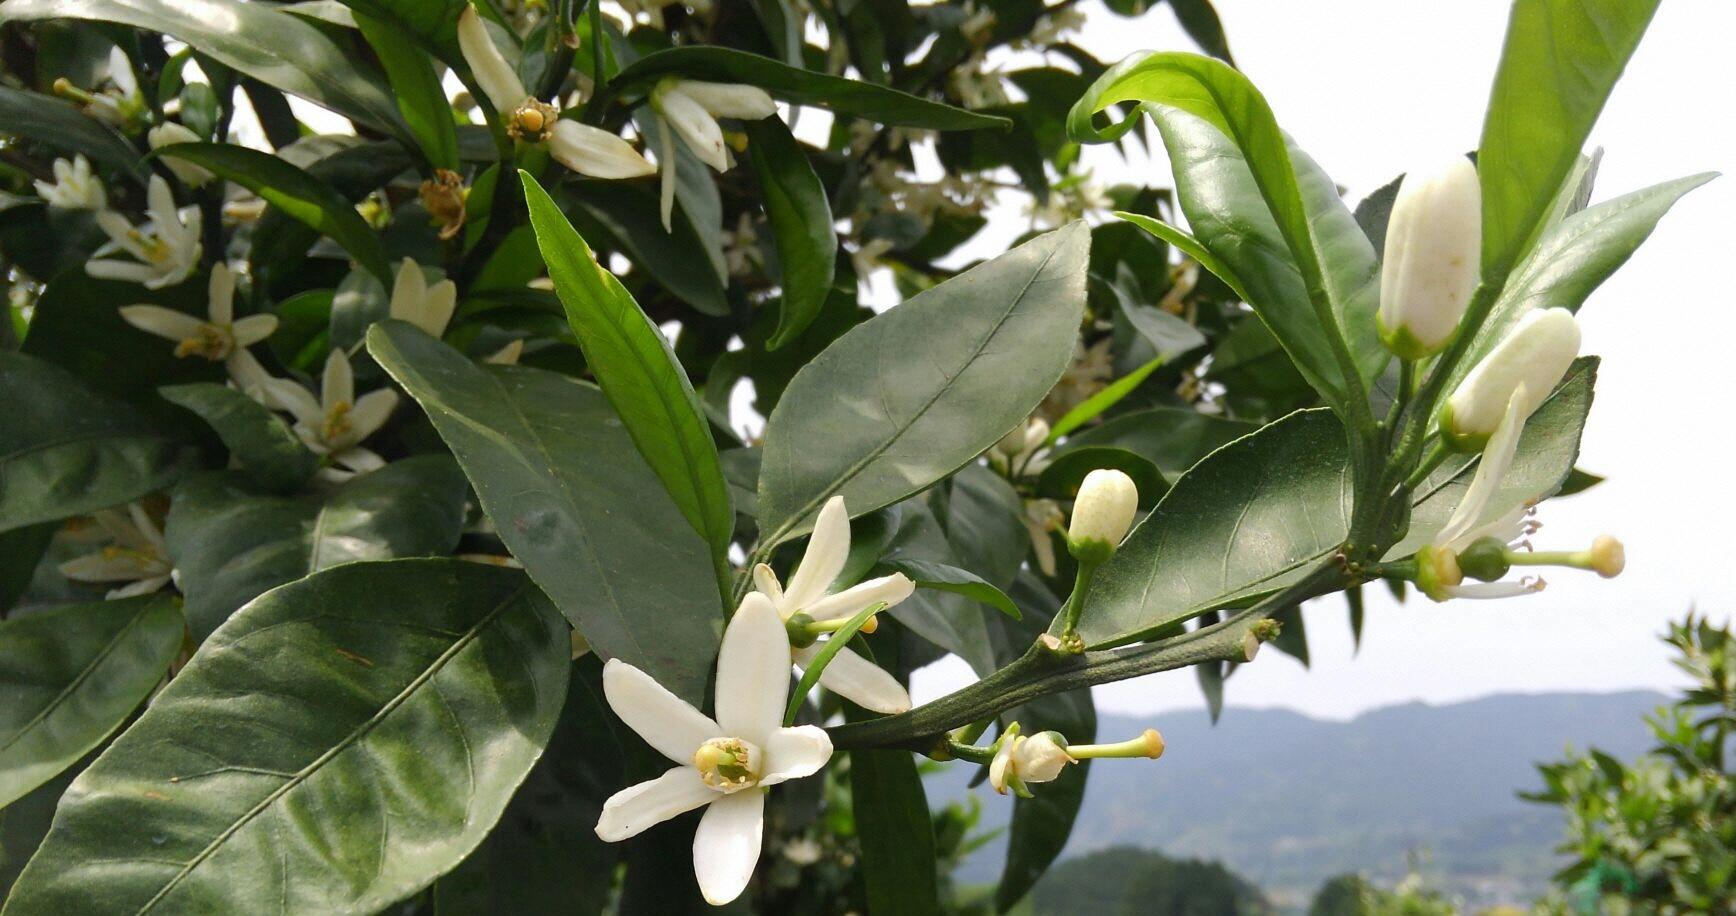 今年も咲きほこる 温州みかんの花